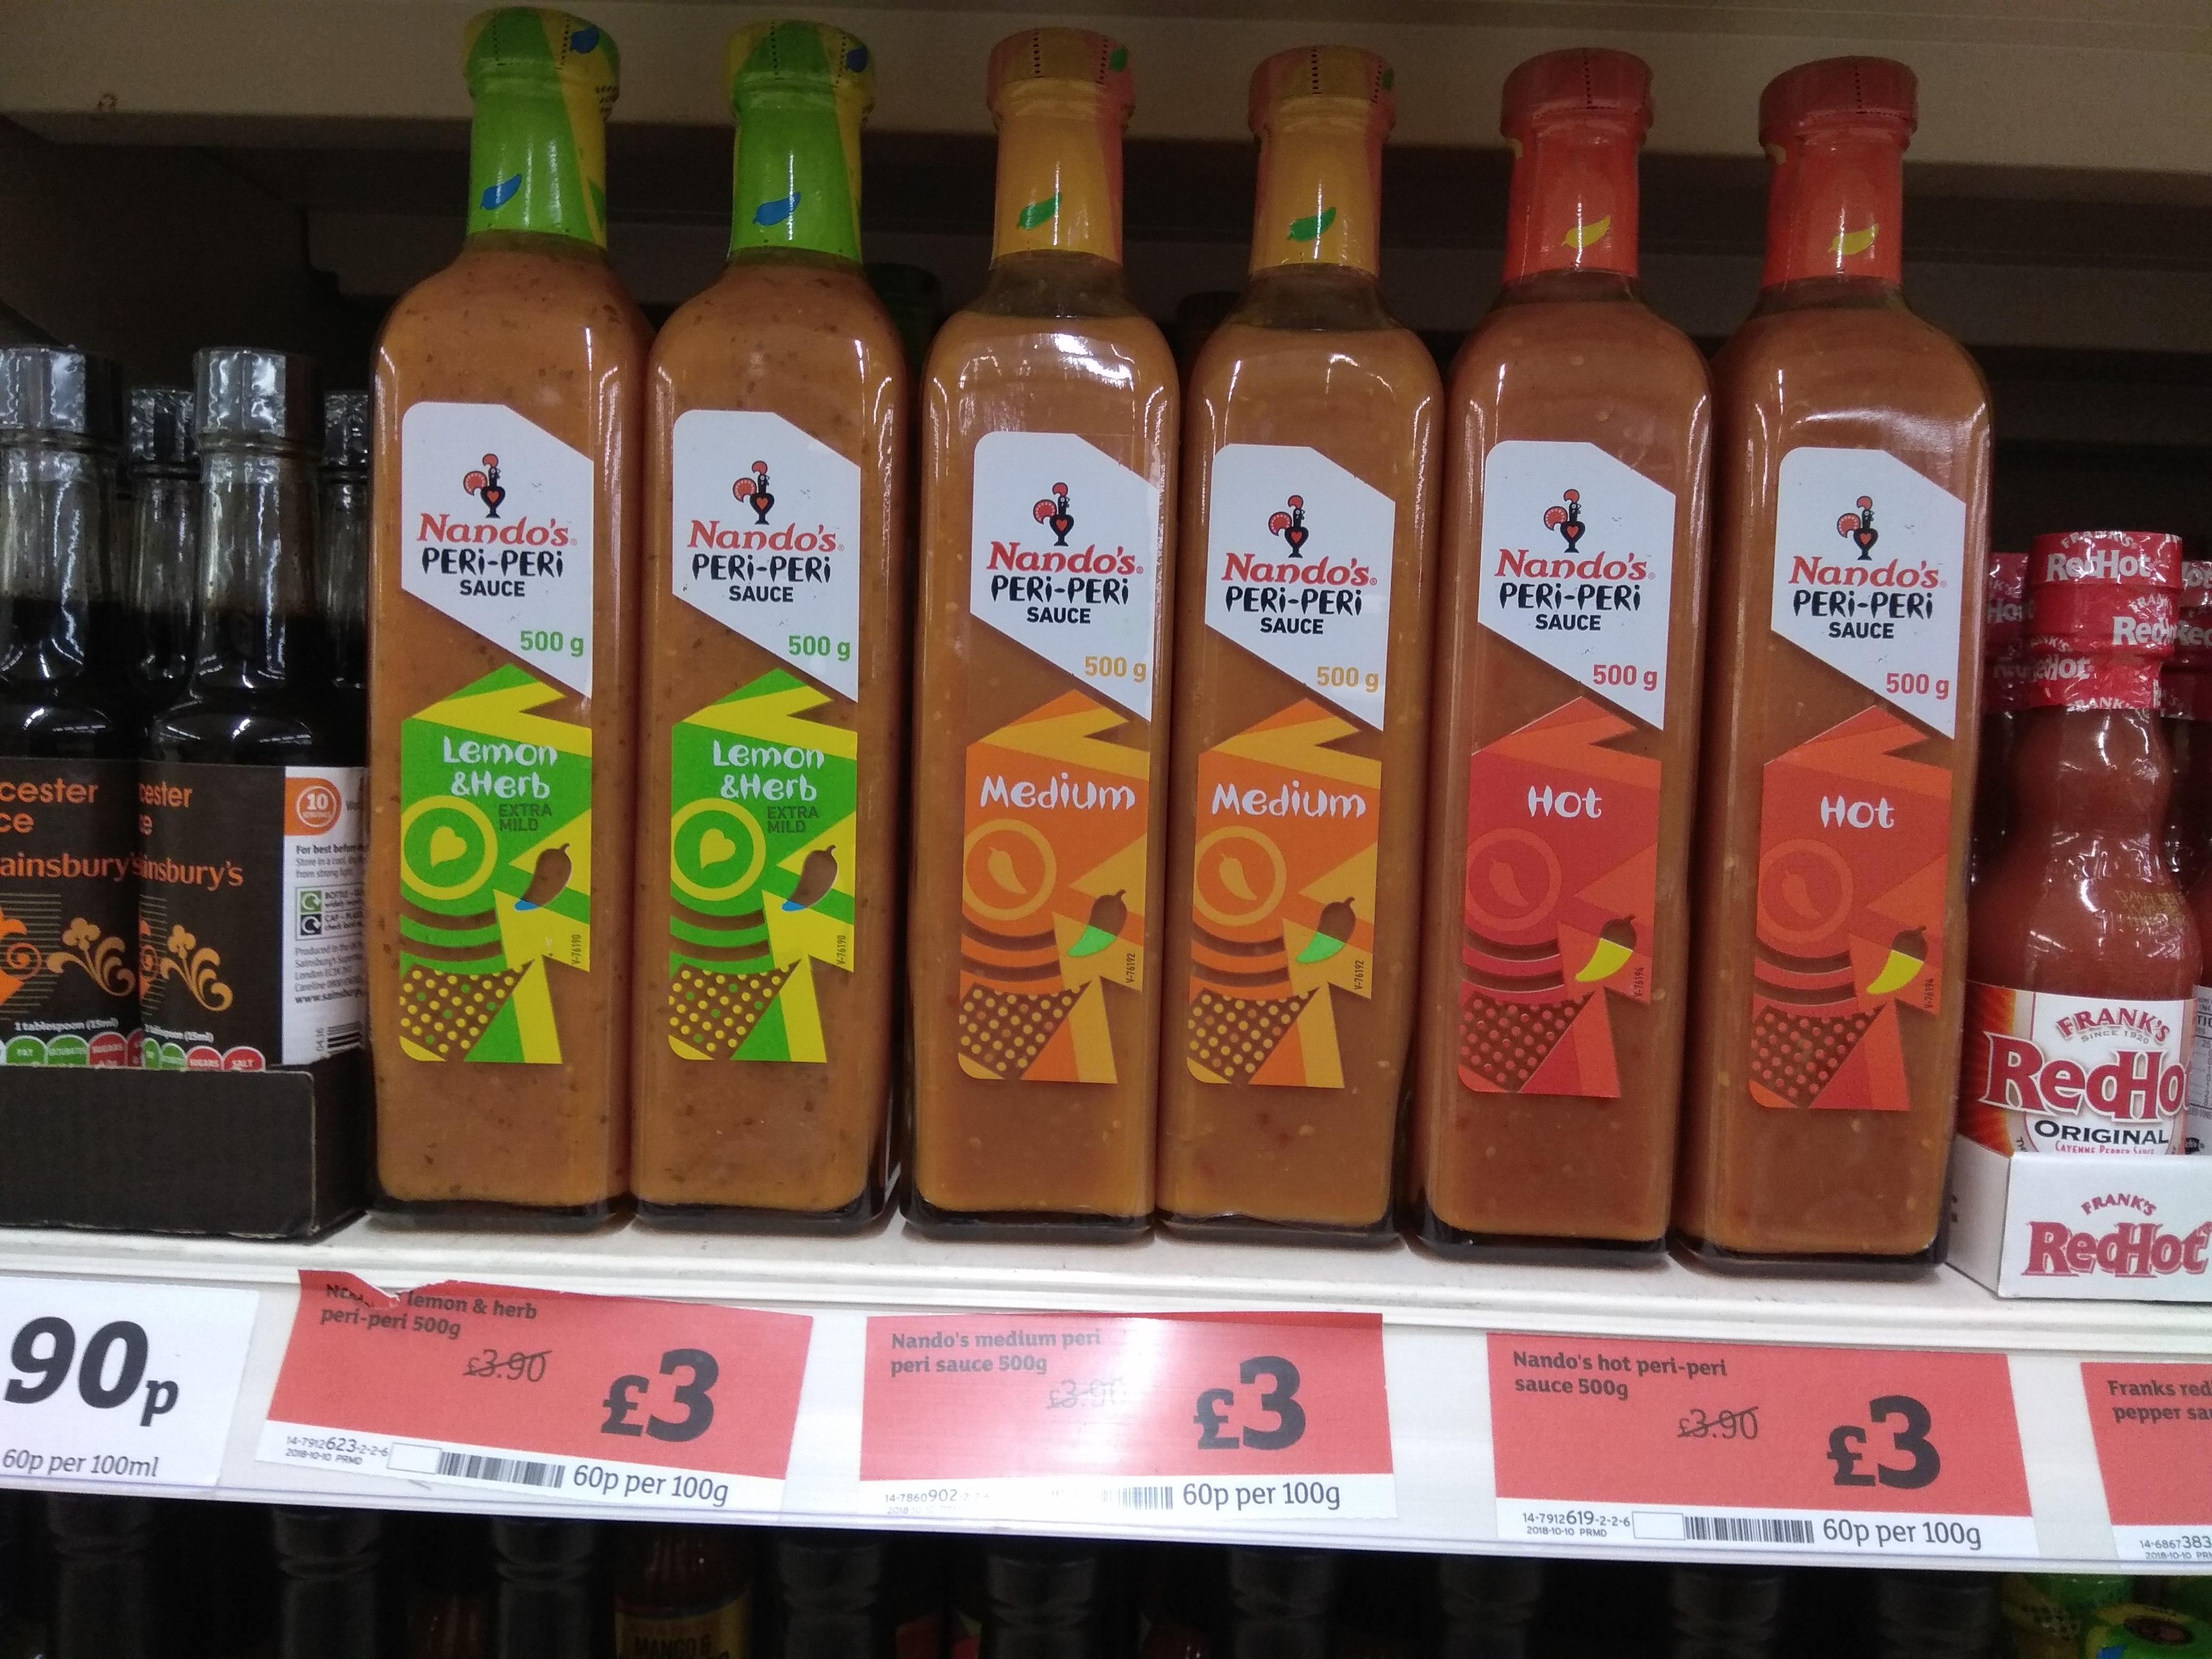 Nando's 500g sauces at Sainsbury's £3